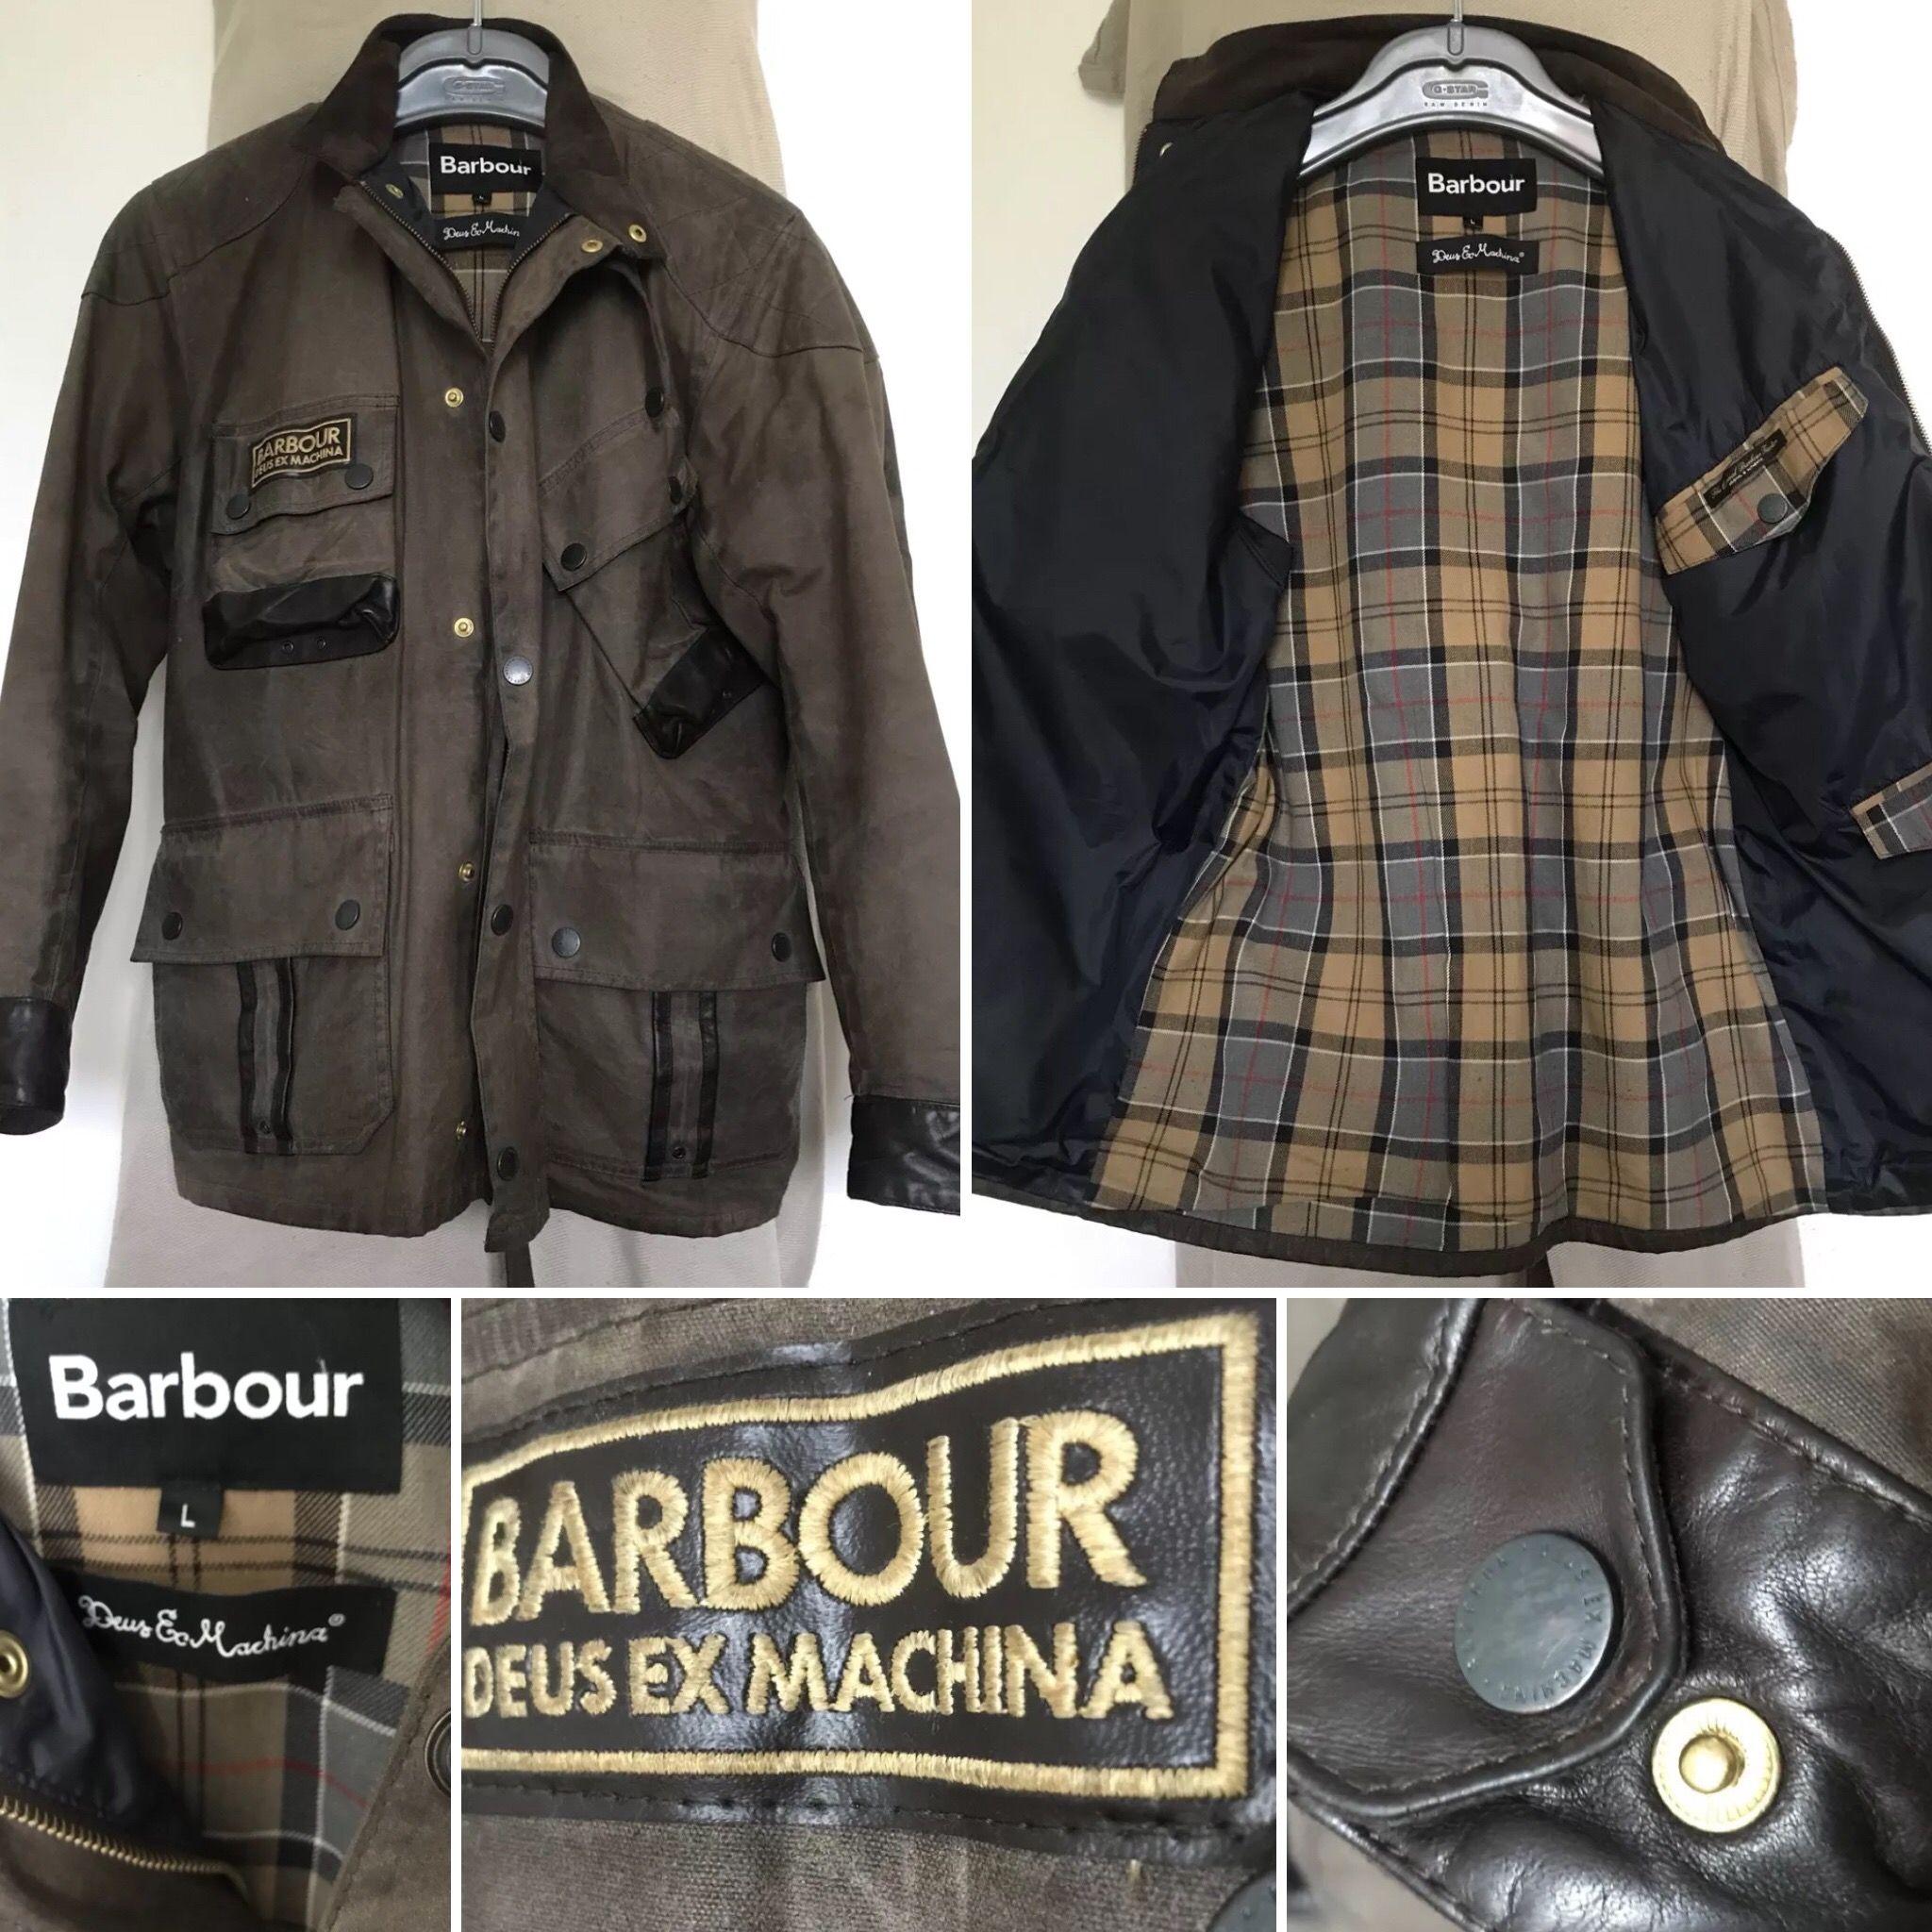 Vestiti Da Uomo · BARBOUR International DEUS EX MACHINA Modell  Hurstville  Hickory. Deus Ex Machina 7712a79885d